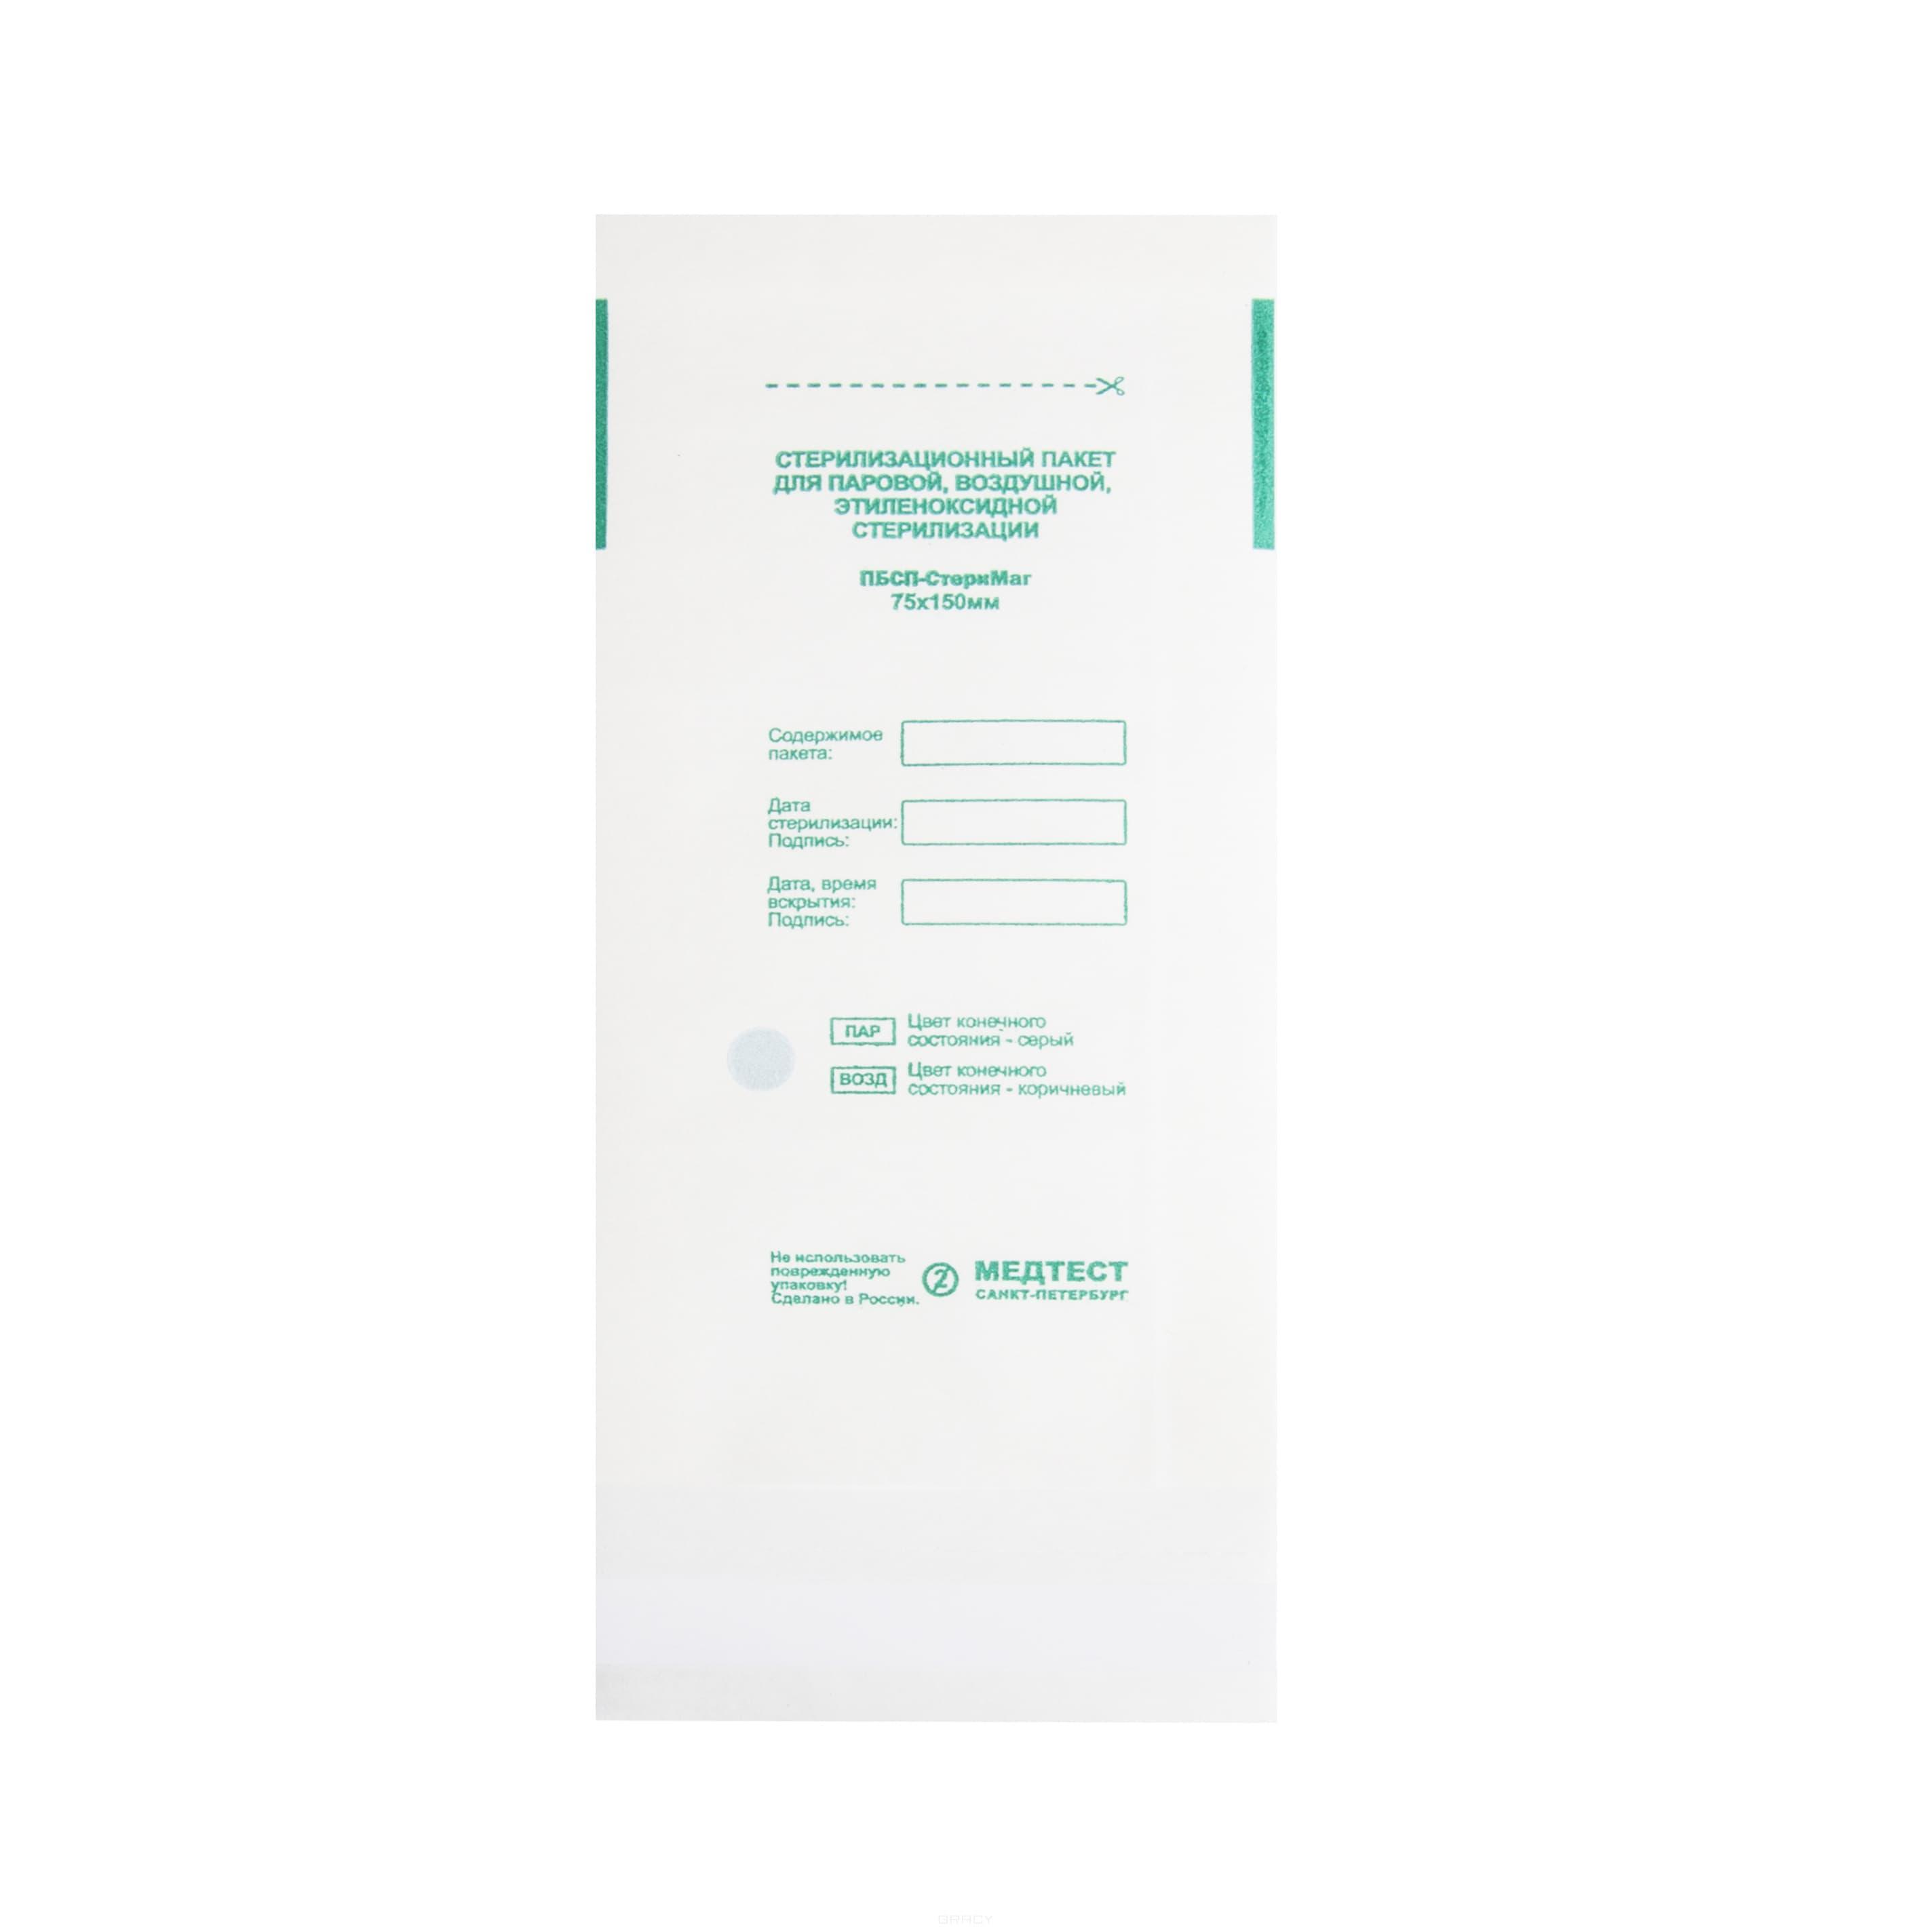 Planet Nails Пакеты для стерилизации белые, 75*150 мм, 100 шт/уп защитные пластиковые пакеты plastic liners 100 шт